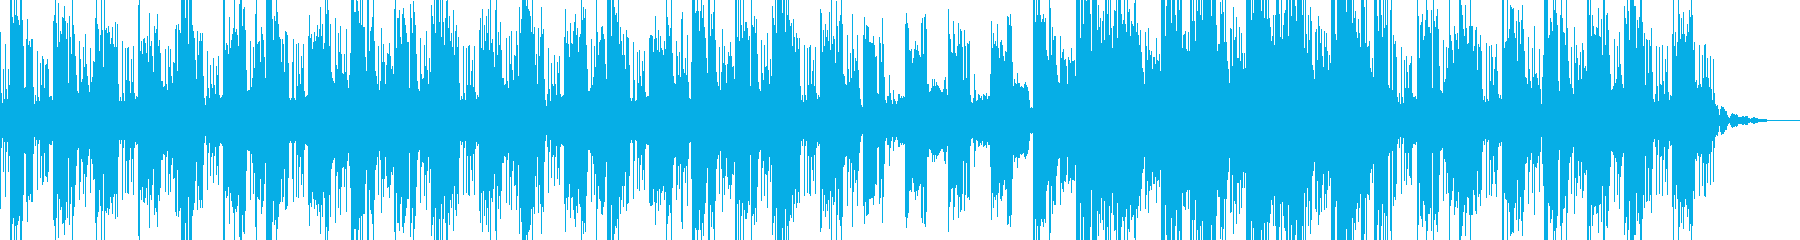 潜入捜査感のある怪しいビートの再生済みの波形